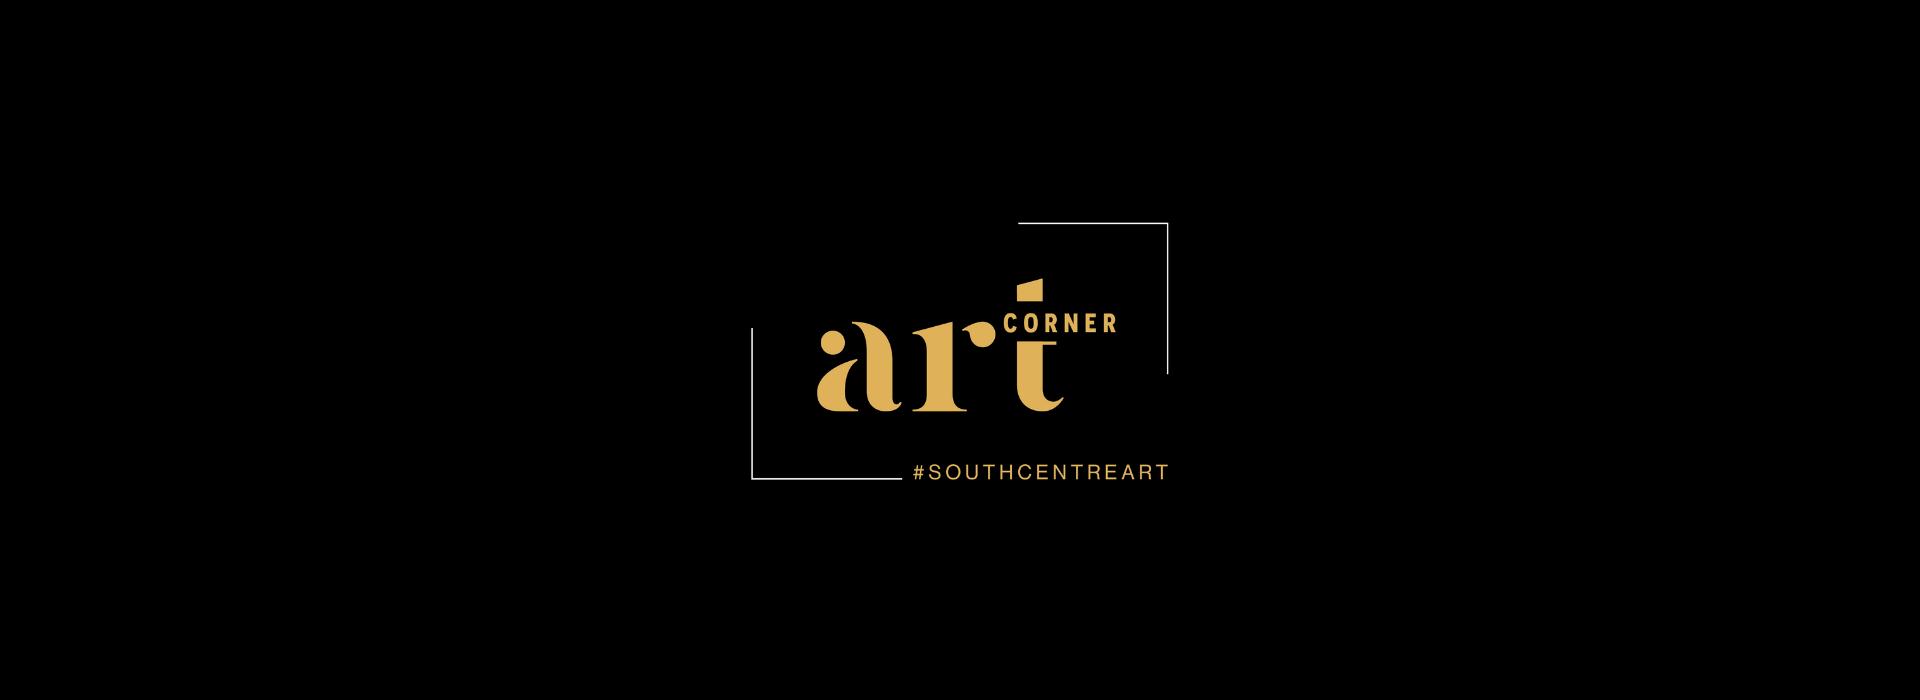 Art corner logo